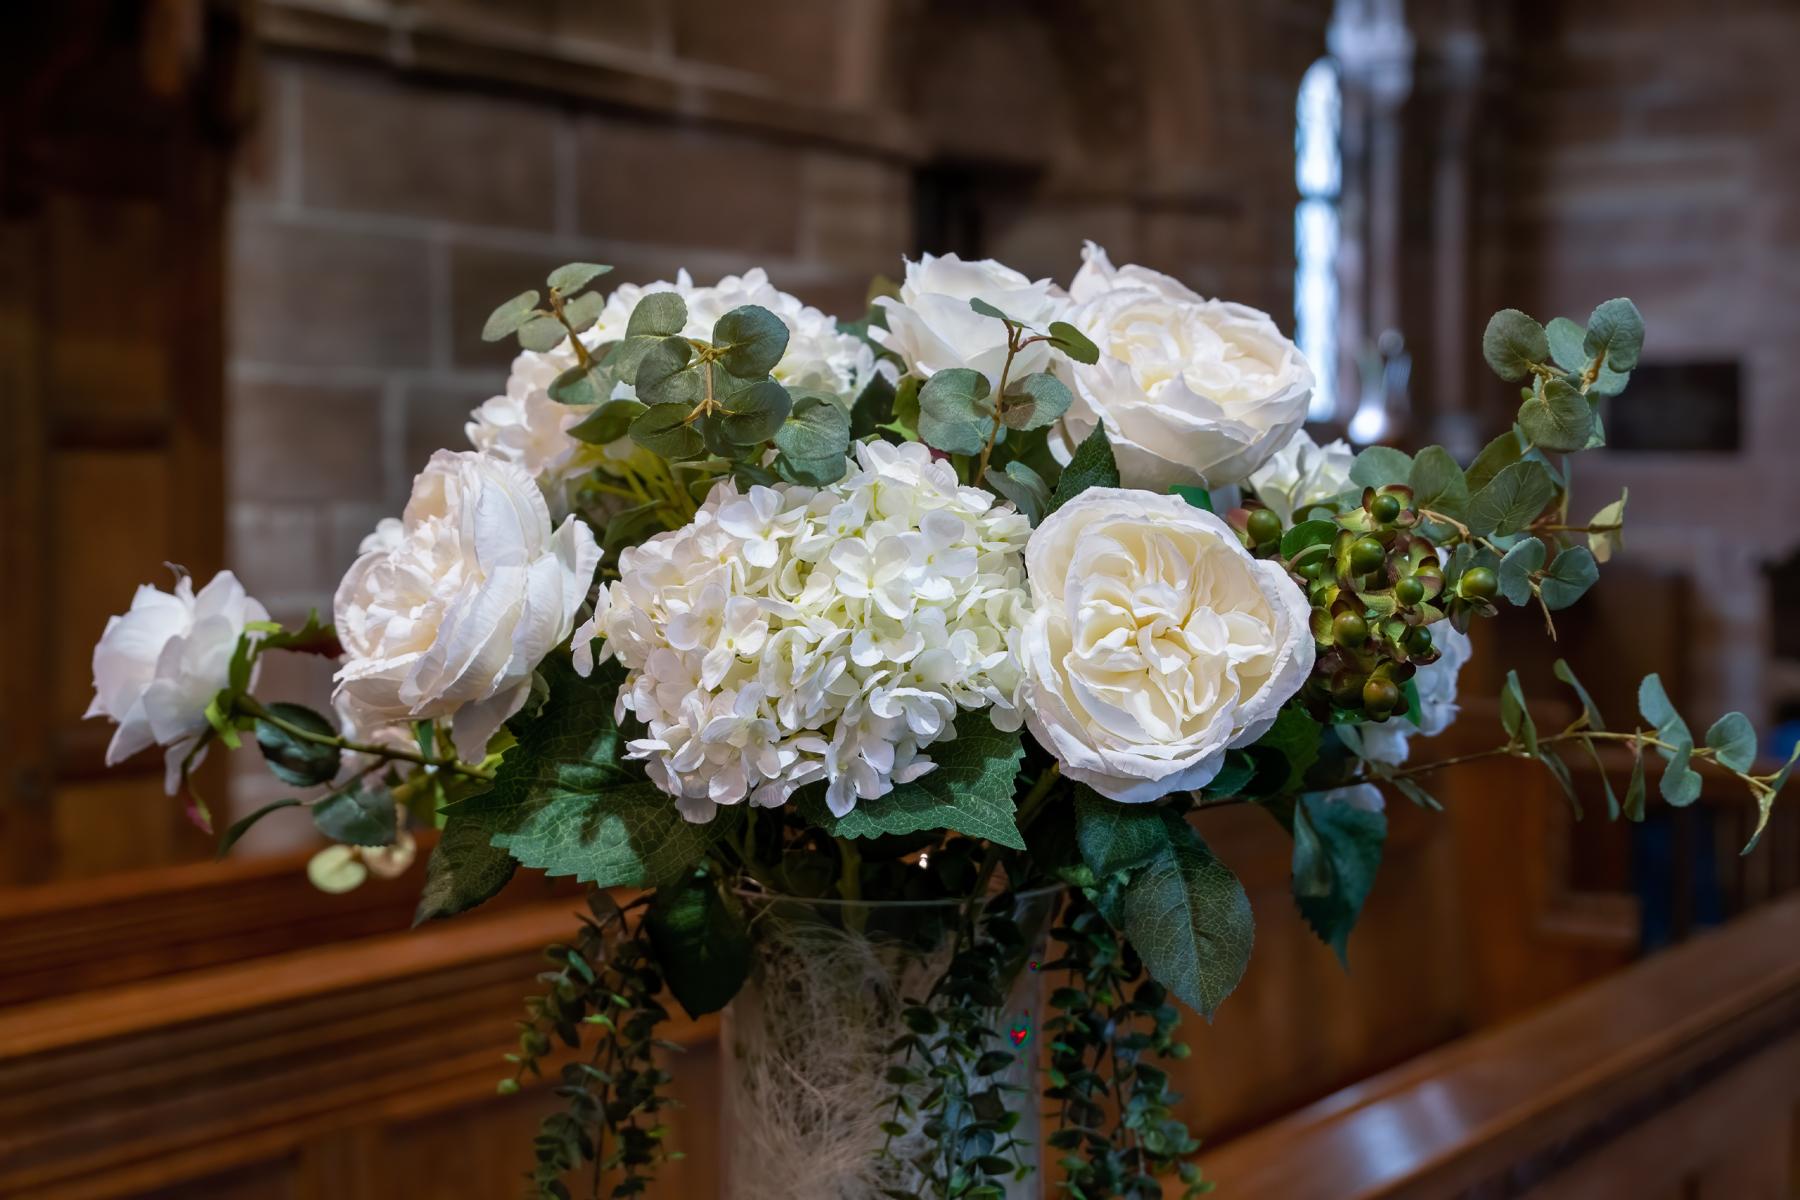 flower bouquet at church